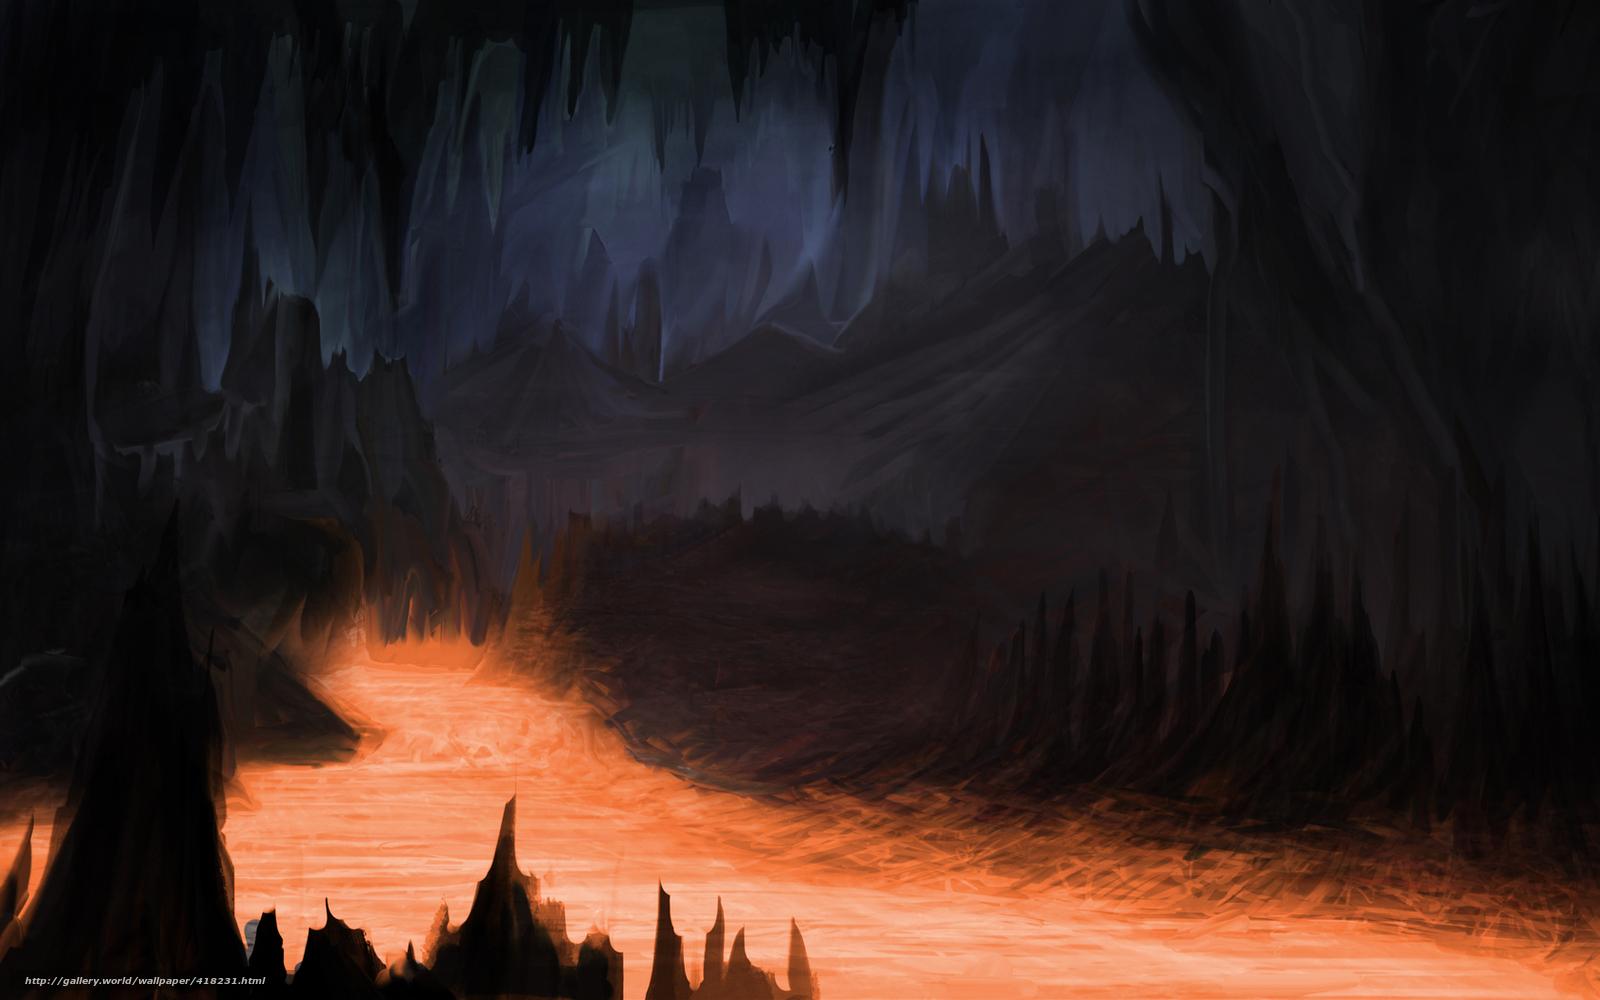 Download Hintergrund Kunst,  Hhle,  Lava,  dunkel Freie desktop Tapeten in der Auflosung 1680x1050 — bild №418231